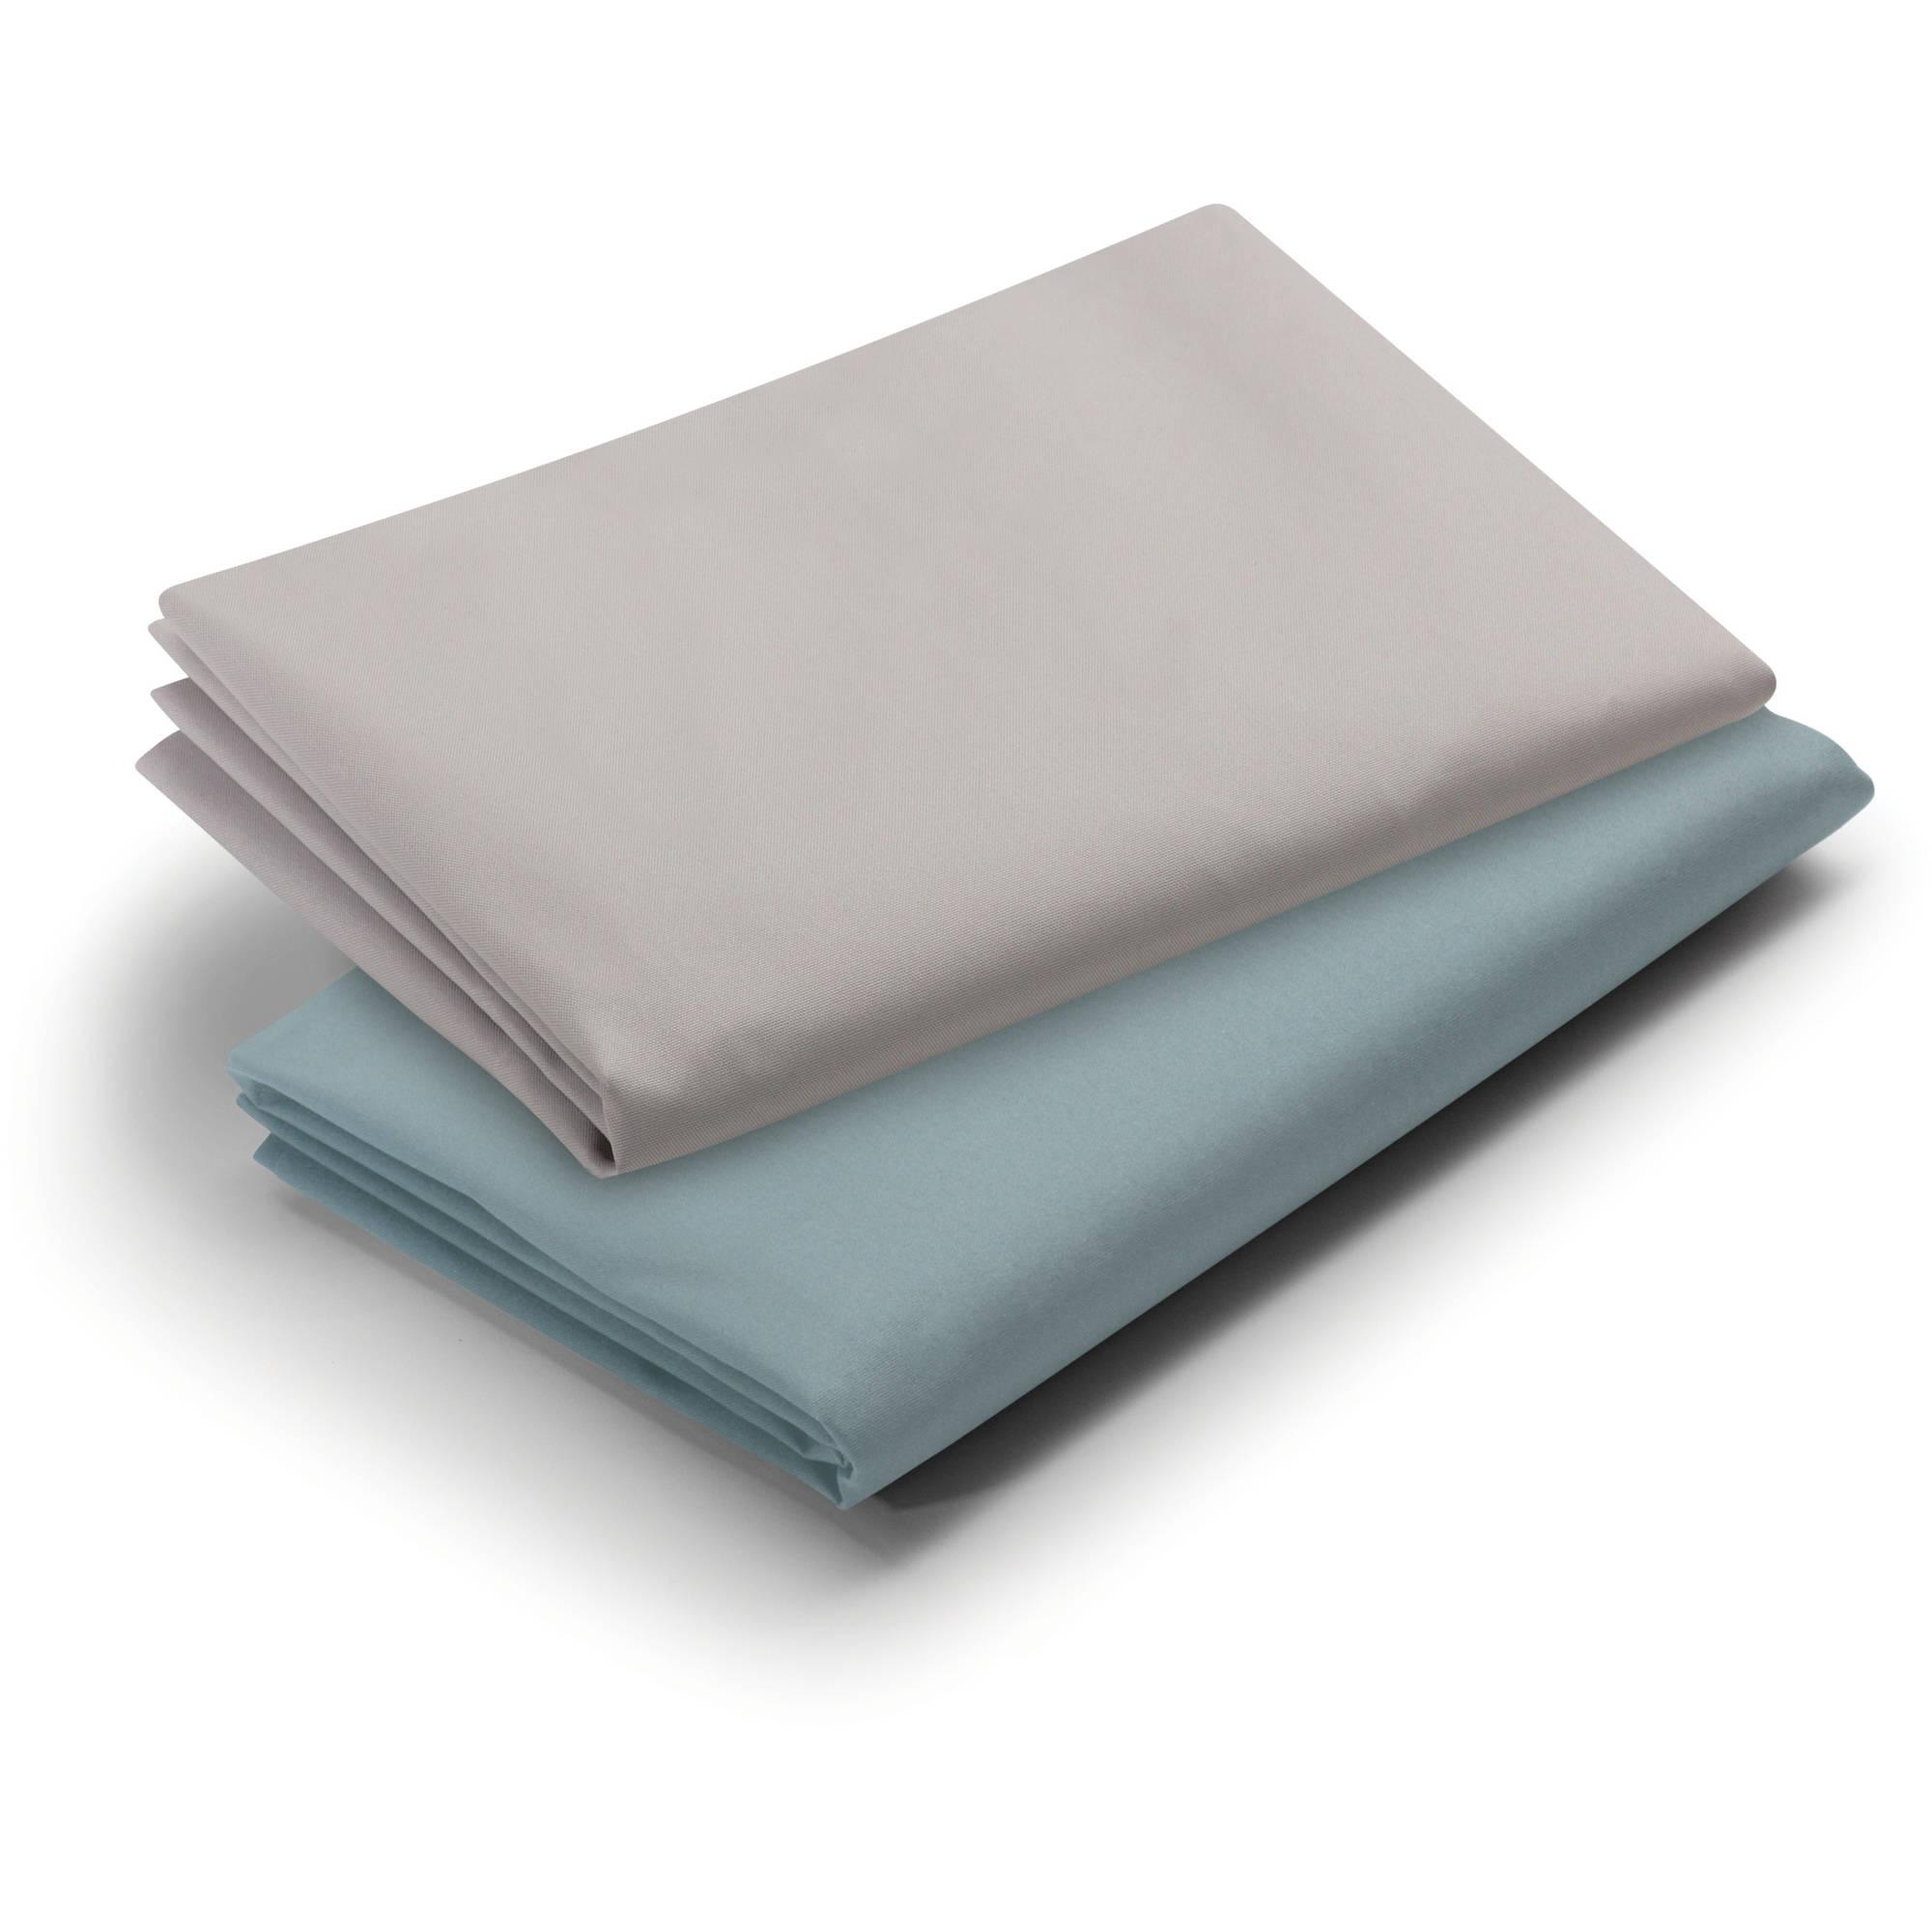 Graco Pack 'n Play Waterproof Sheets, 2pk, Teal/Pale Grey